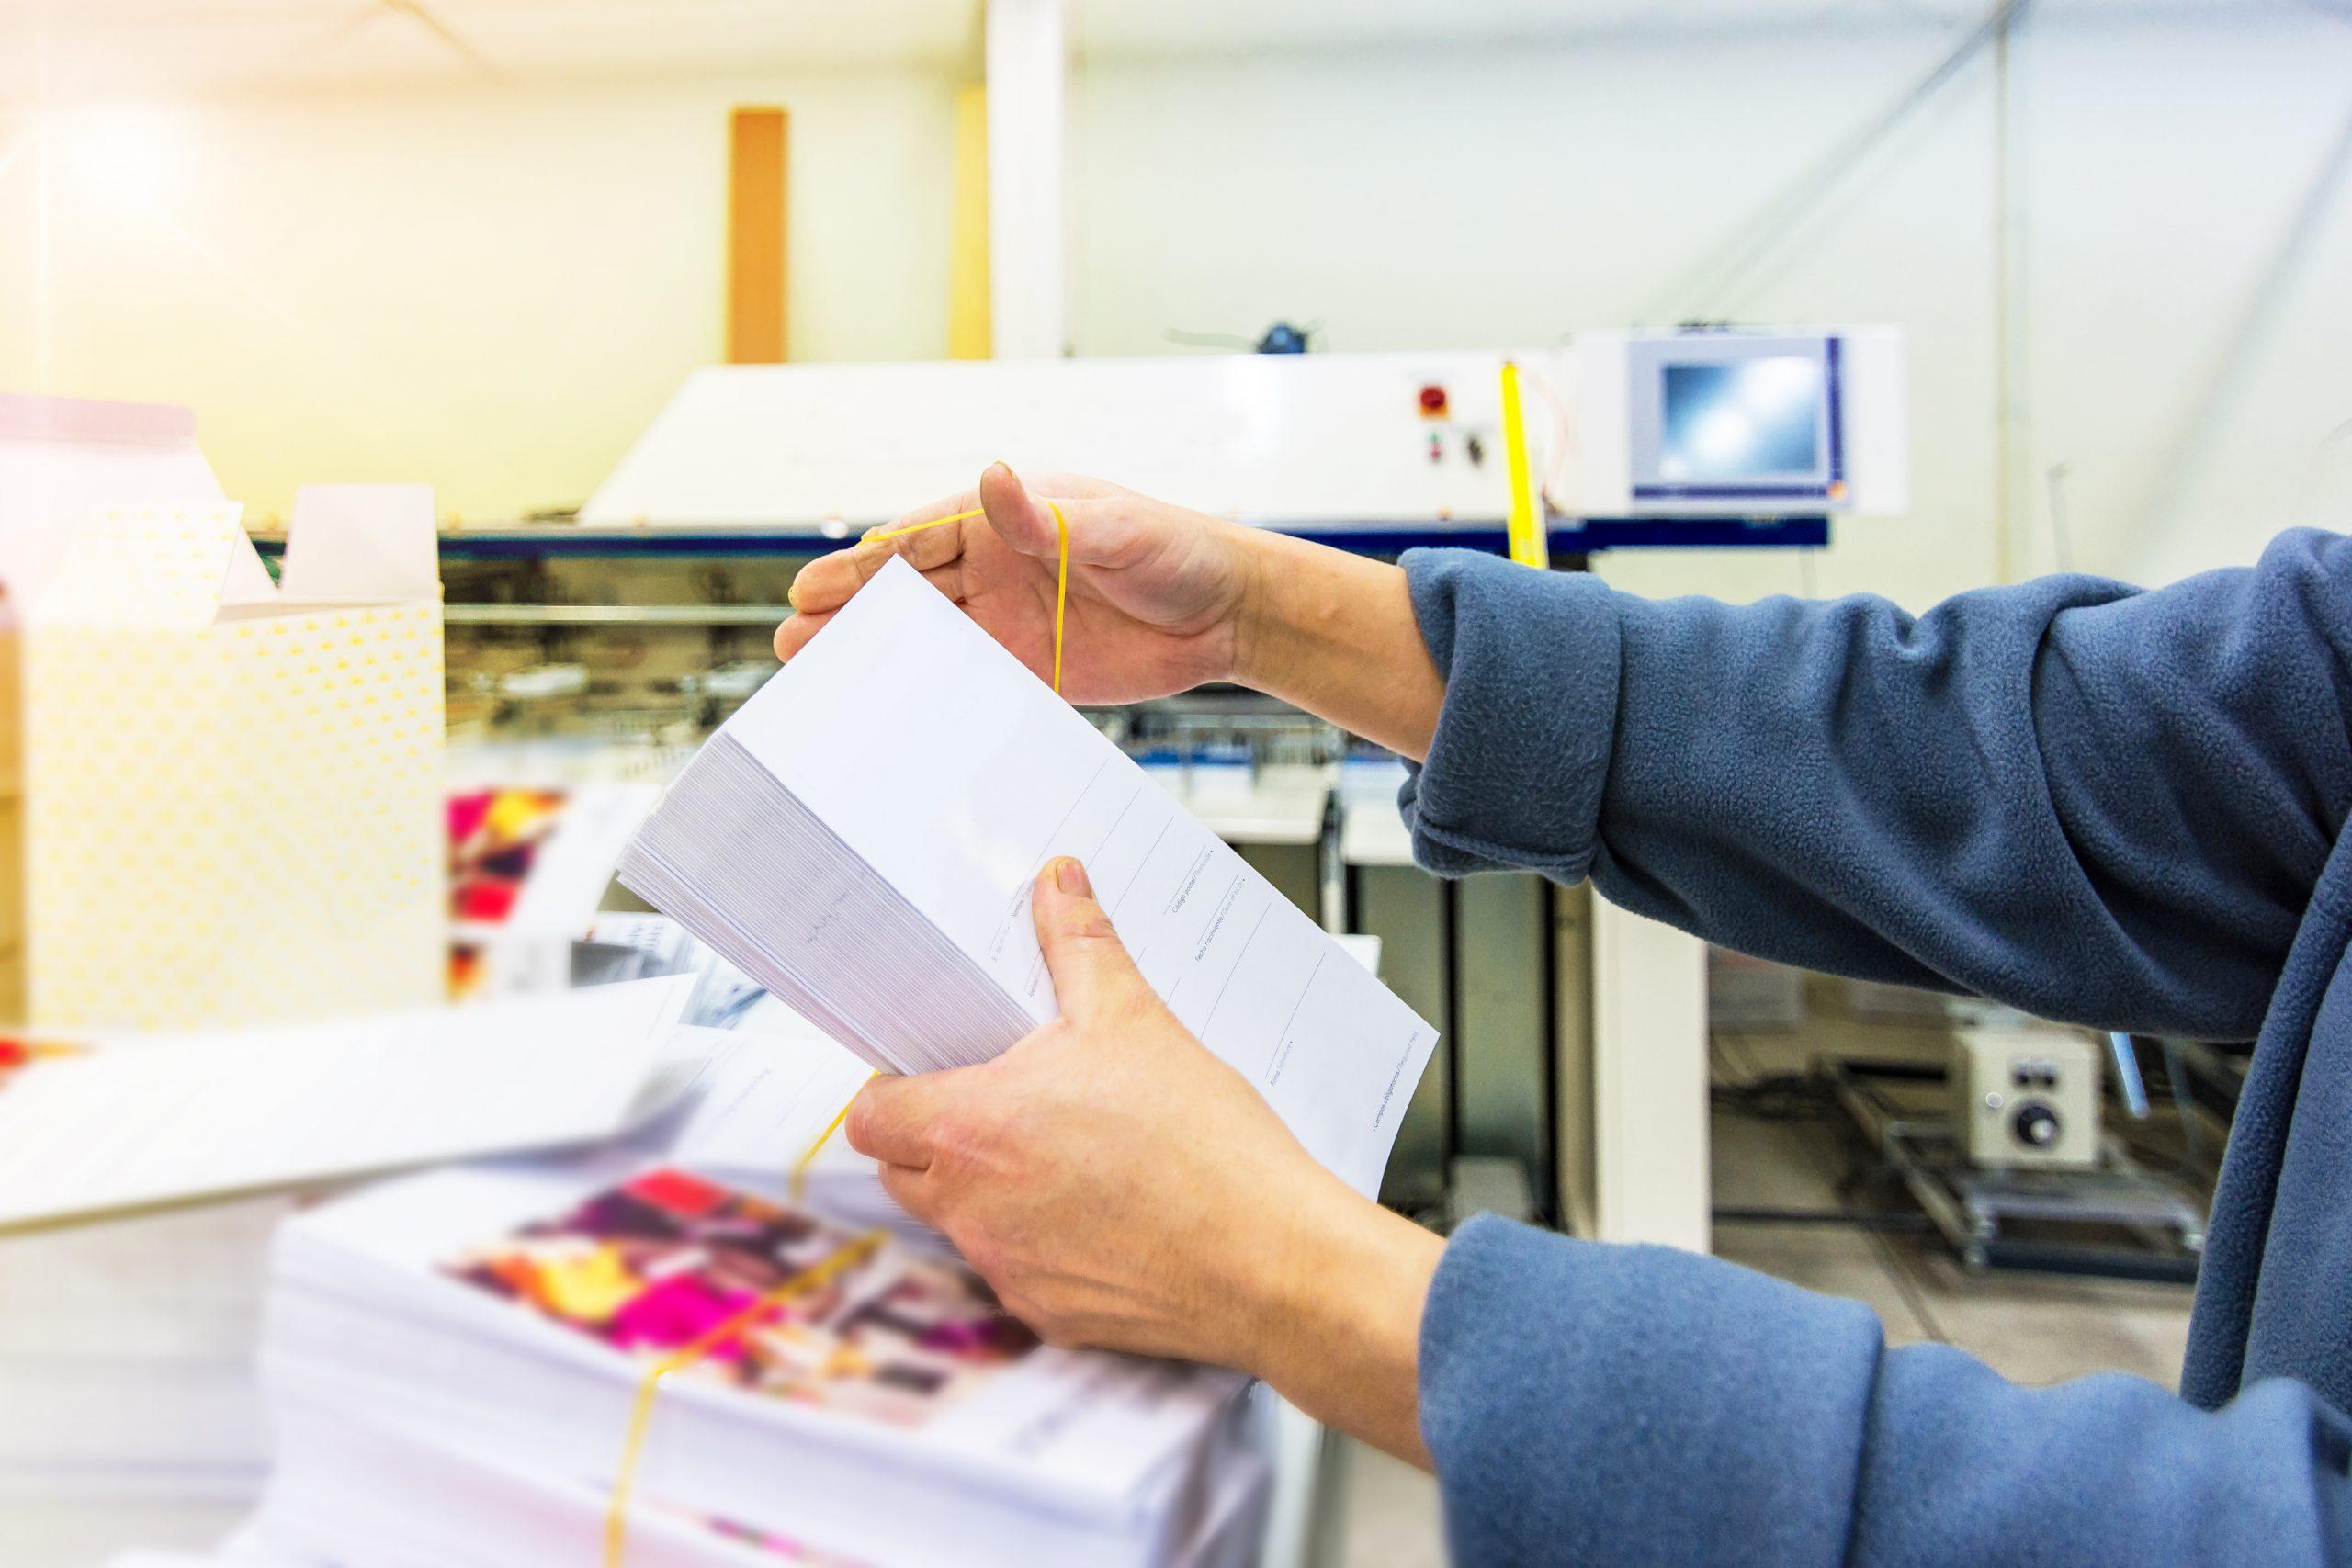 Zwei Hände verpacken einen Stapel weisser Karten für den Versand